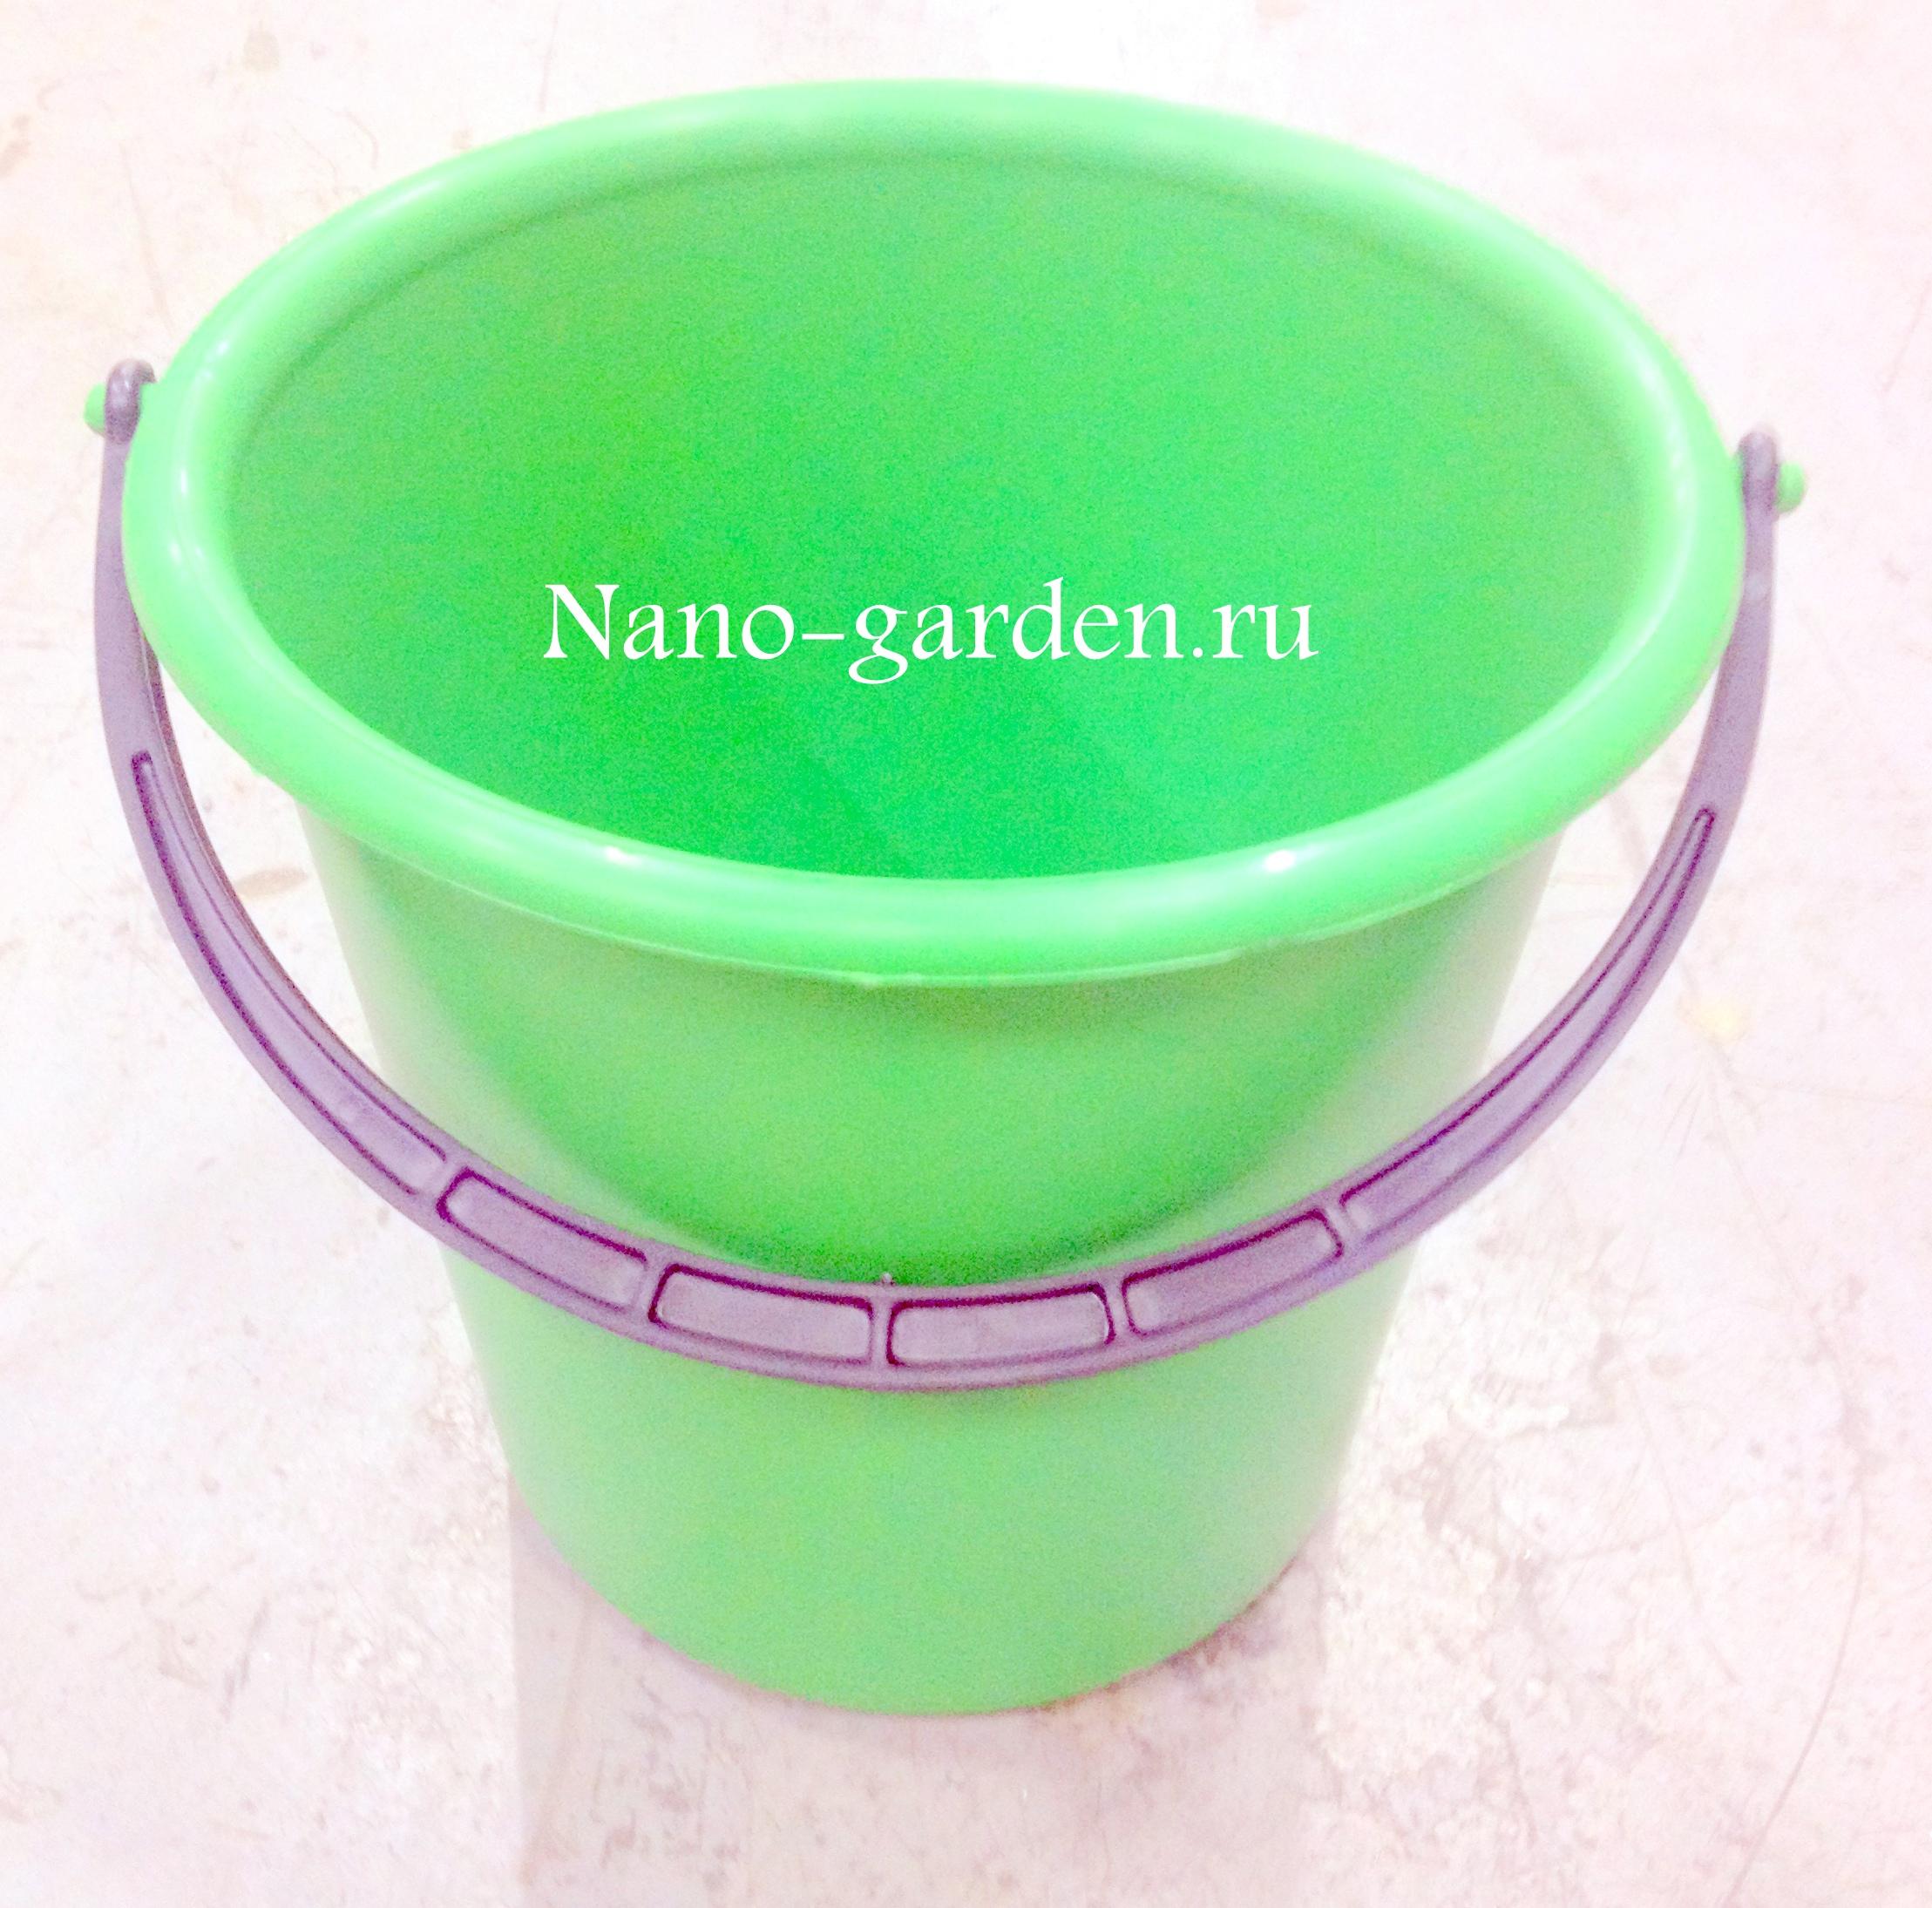 Ведра для сада пластиковые, ведро садовое пластиковое, ведро по ГОСТ, ведра дпластиковые